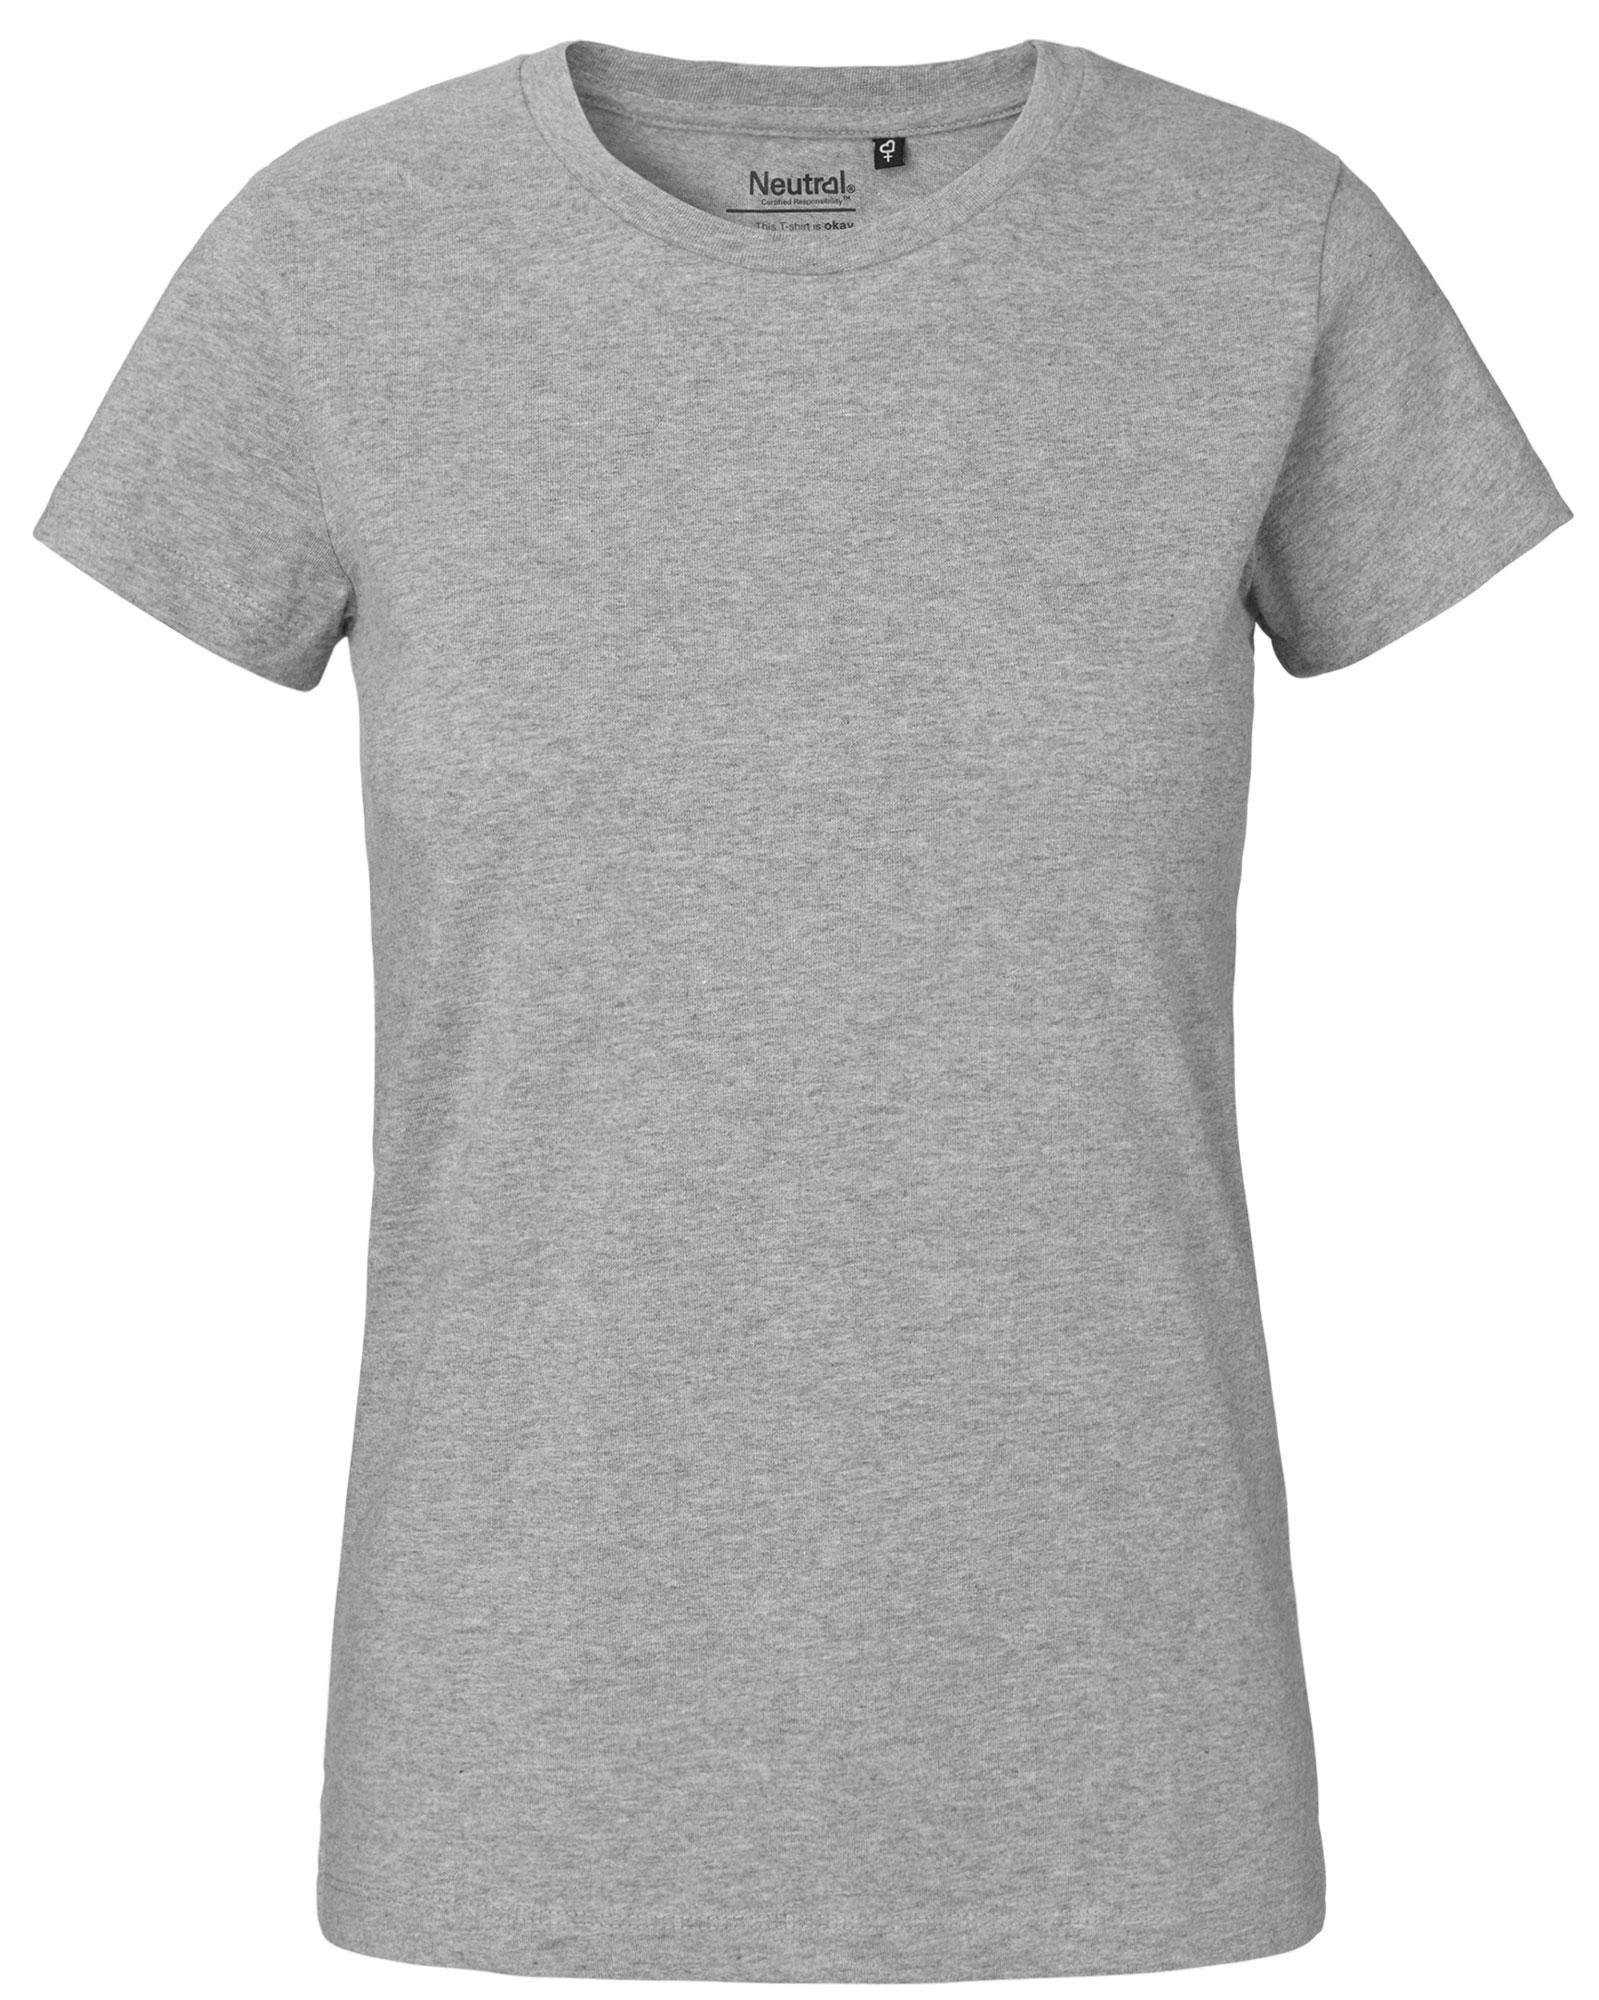 e4fee30837b5e0 Frauen T-Shirt in grau-meliert - fair produziert